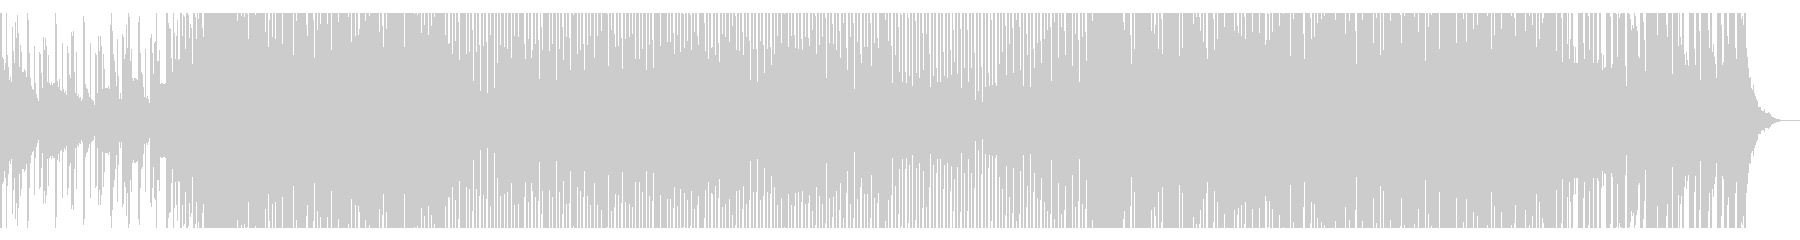 企業CM・VP 疾走感のあるポップBGMの未再生の波形